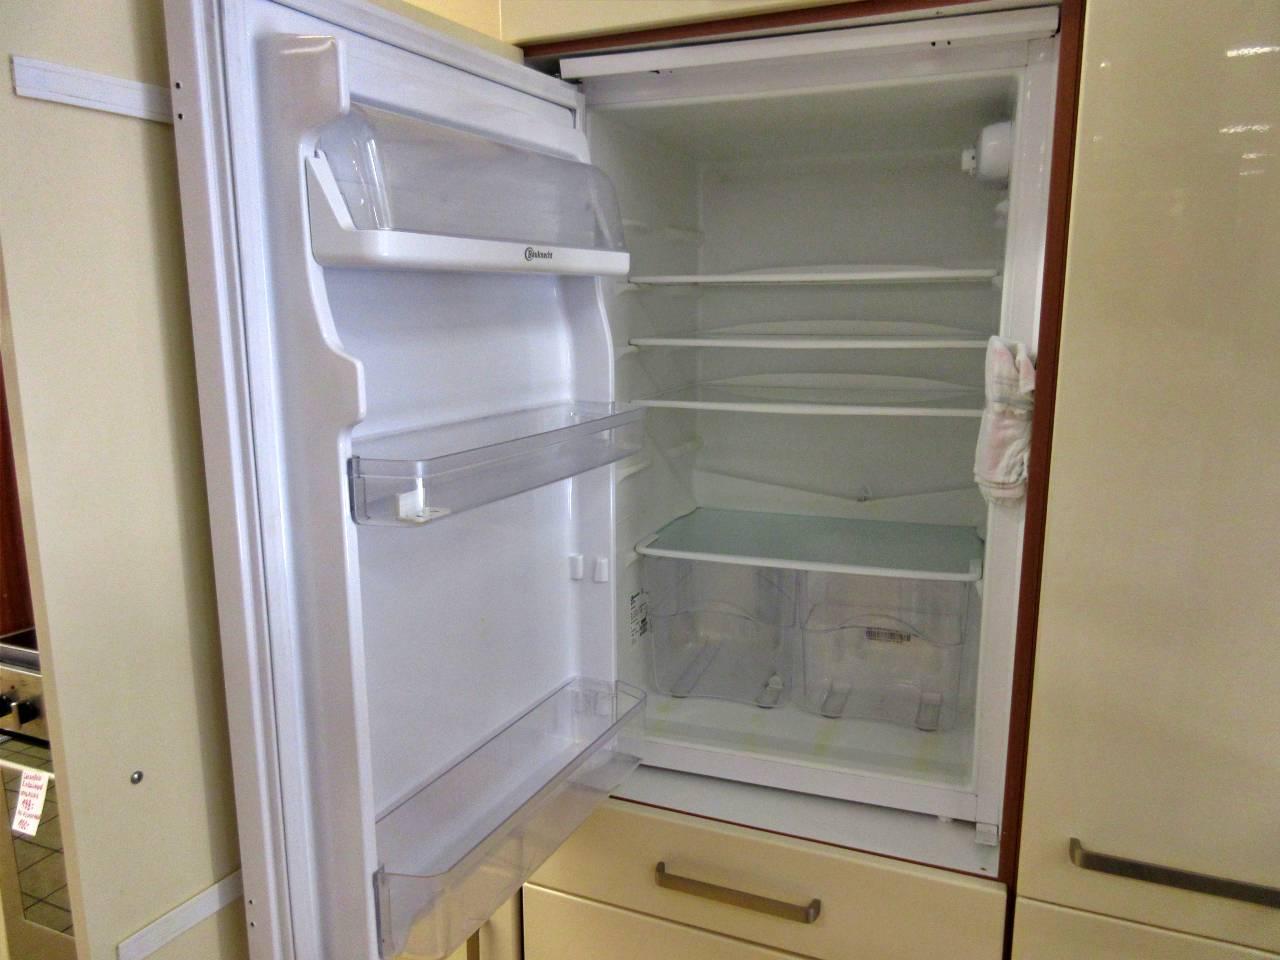 Full Size of Günstige Komplettküche Miele Komplettküche Komplettküche Mit Geräten Roller Komplettküche Küche Einbauküche Ohne Kühlschrank